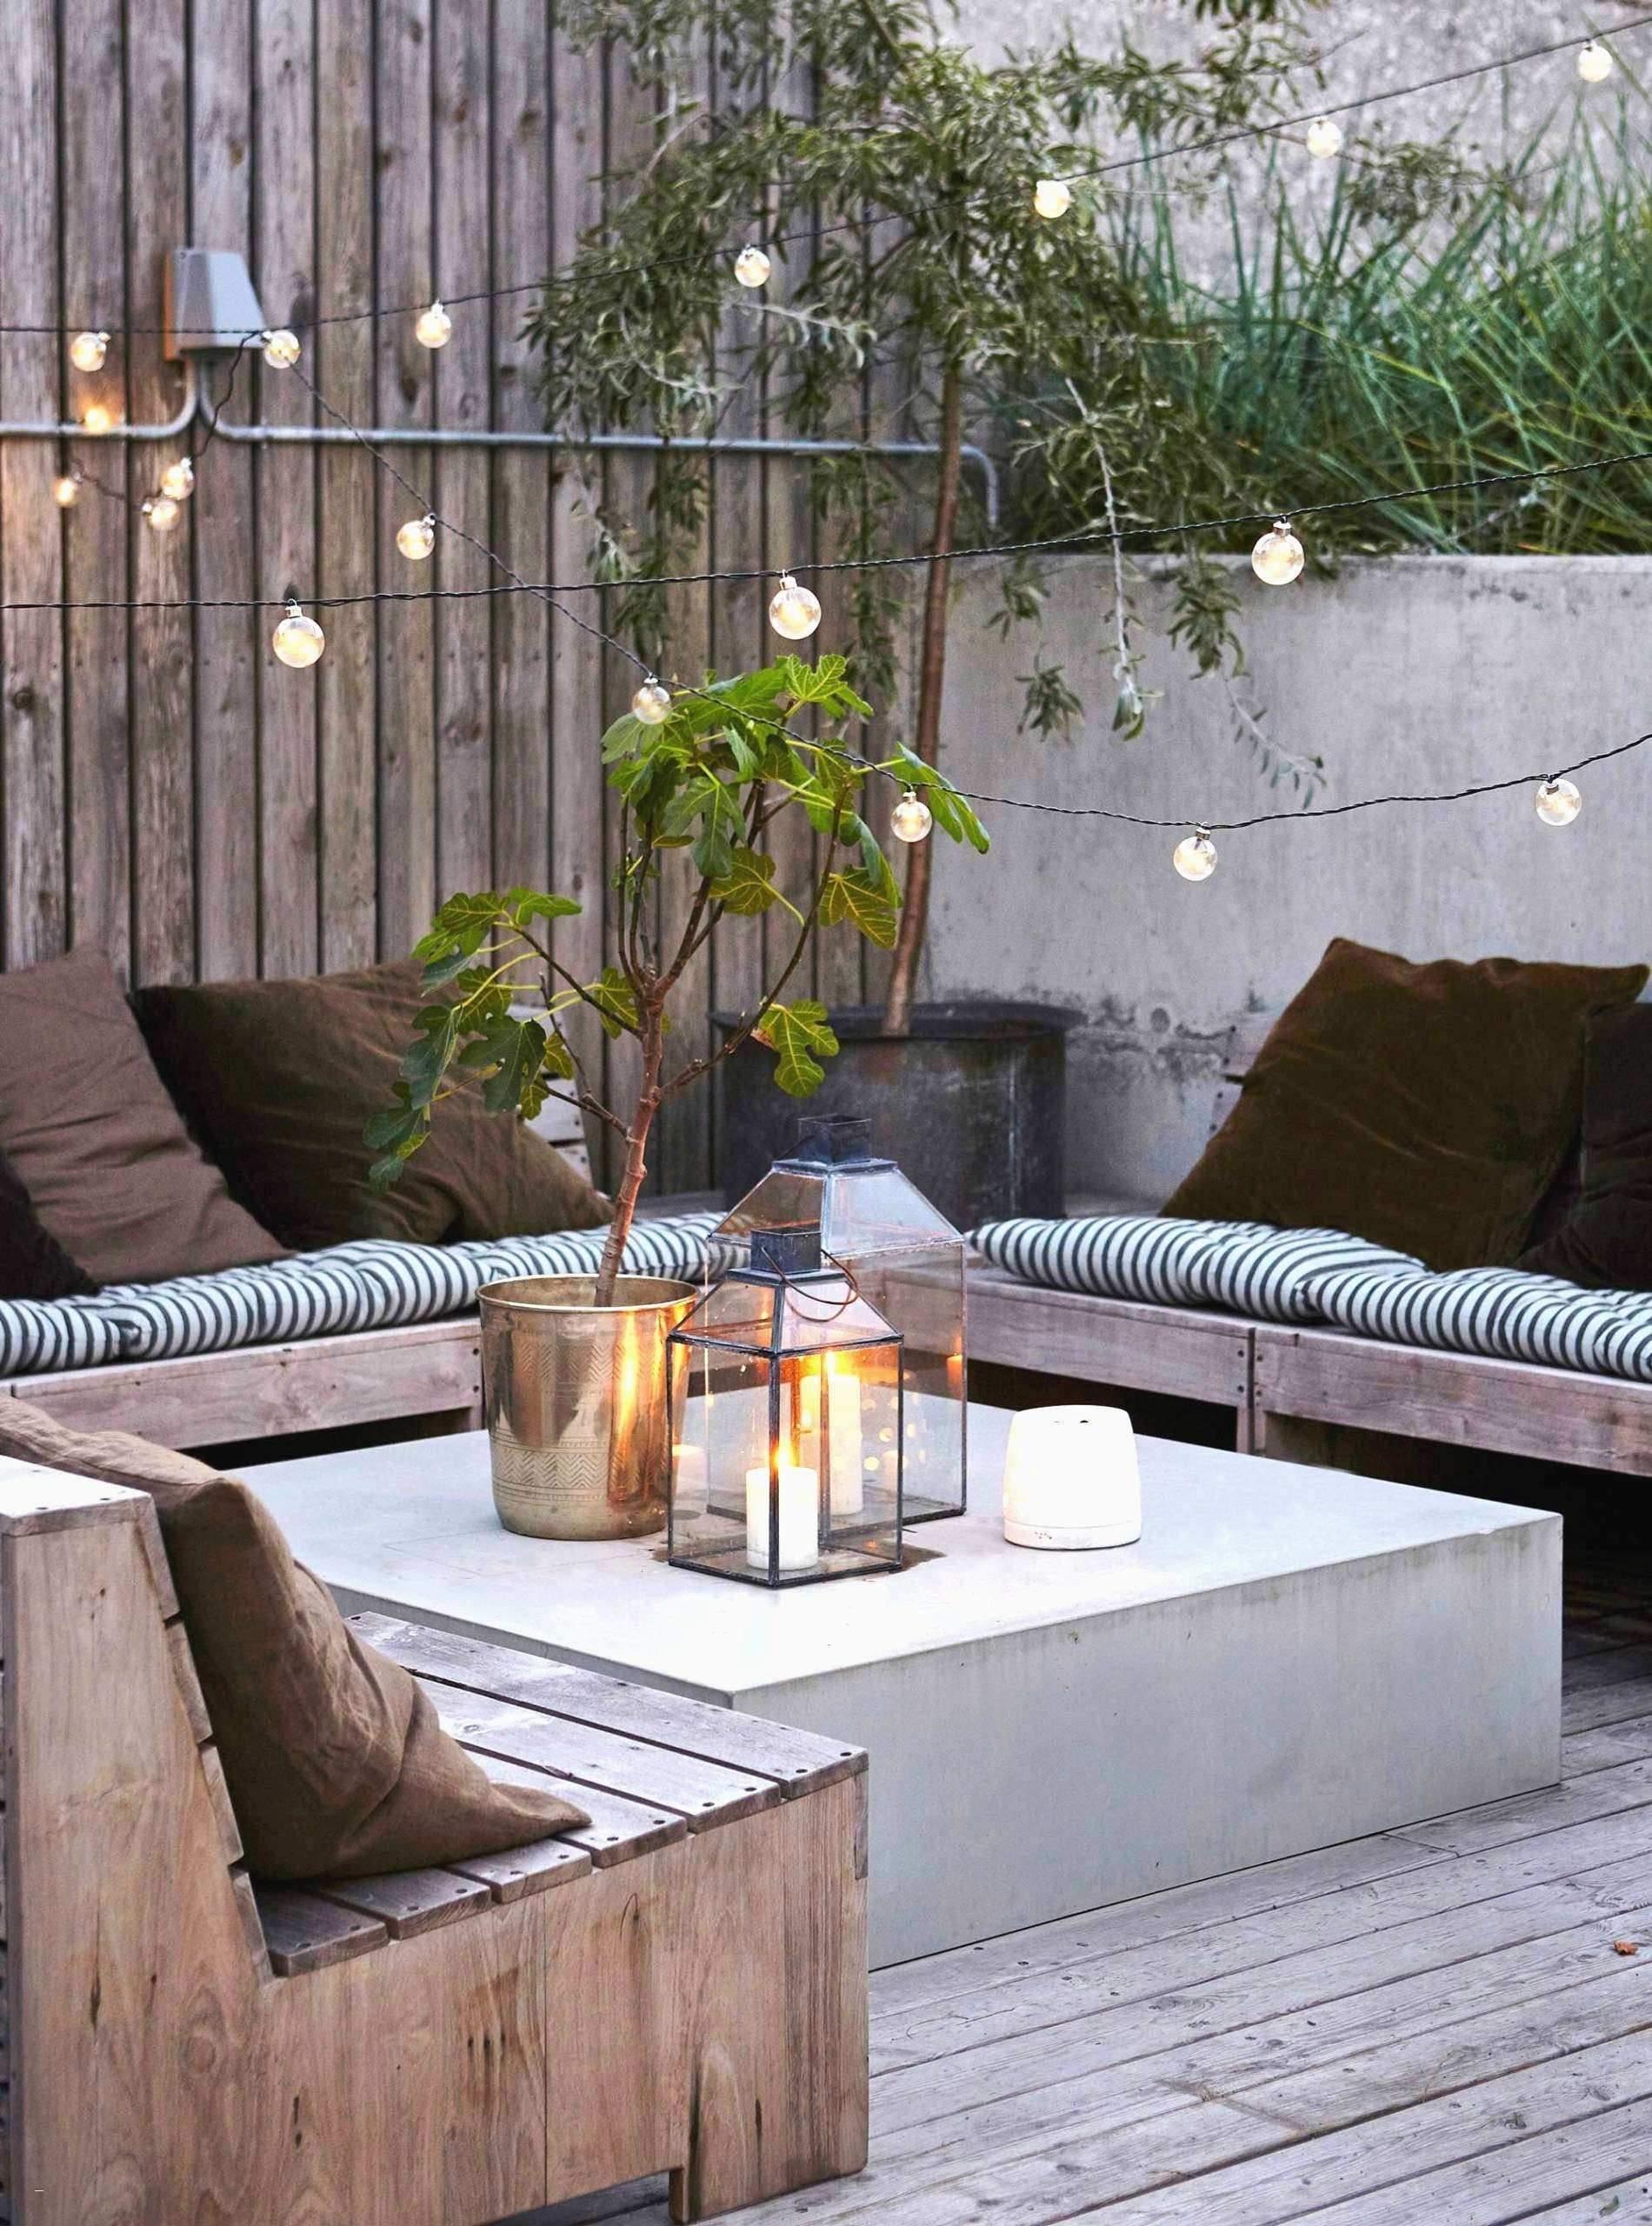 wohnzimmer ideen fur kleine raume das beste von 45 beste von kleiderschrank fur kleine raume design of wohnzimmer ideen fur kleine raume